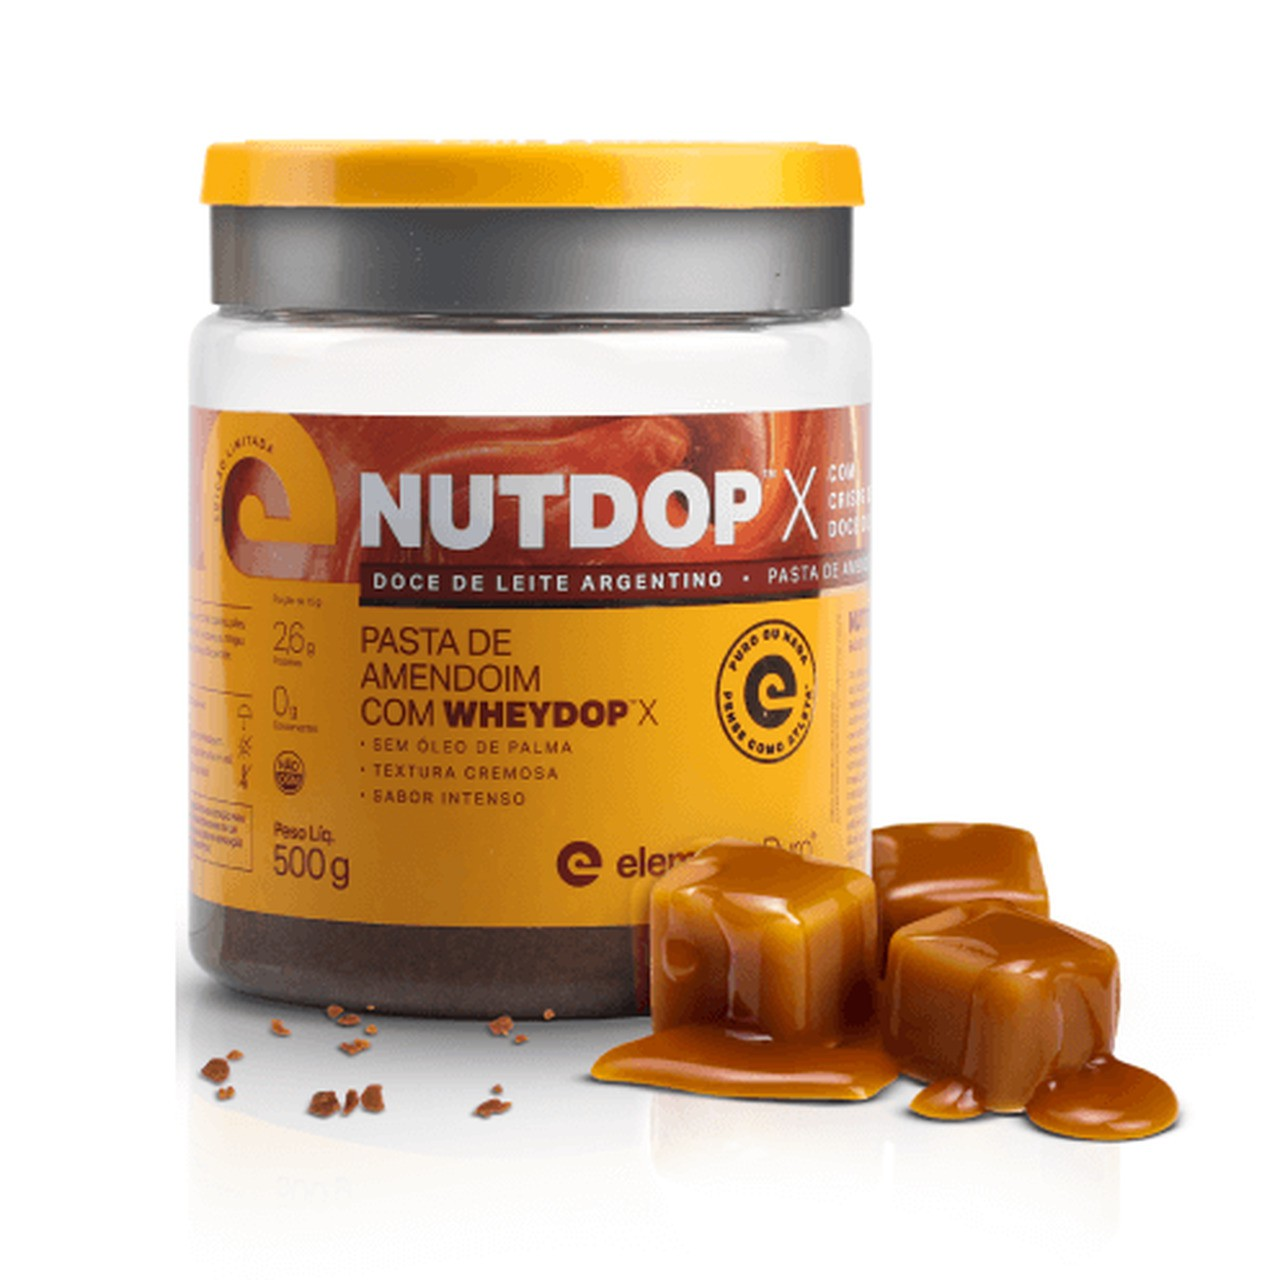 Nutdop X (500g) Edição Limitada - Elemento Puro